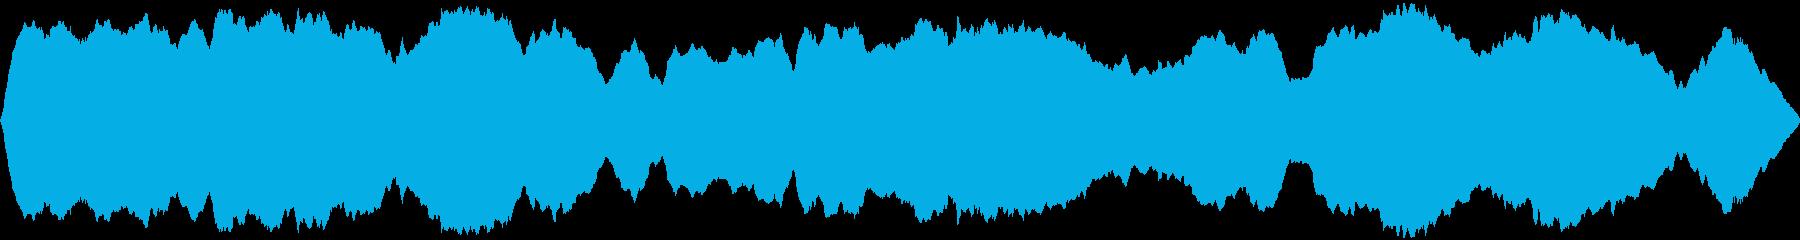 低音シンセドローン:光変調、低周波...の再生済みの波形